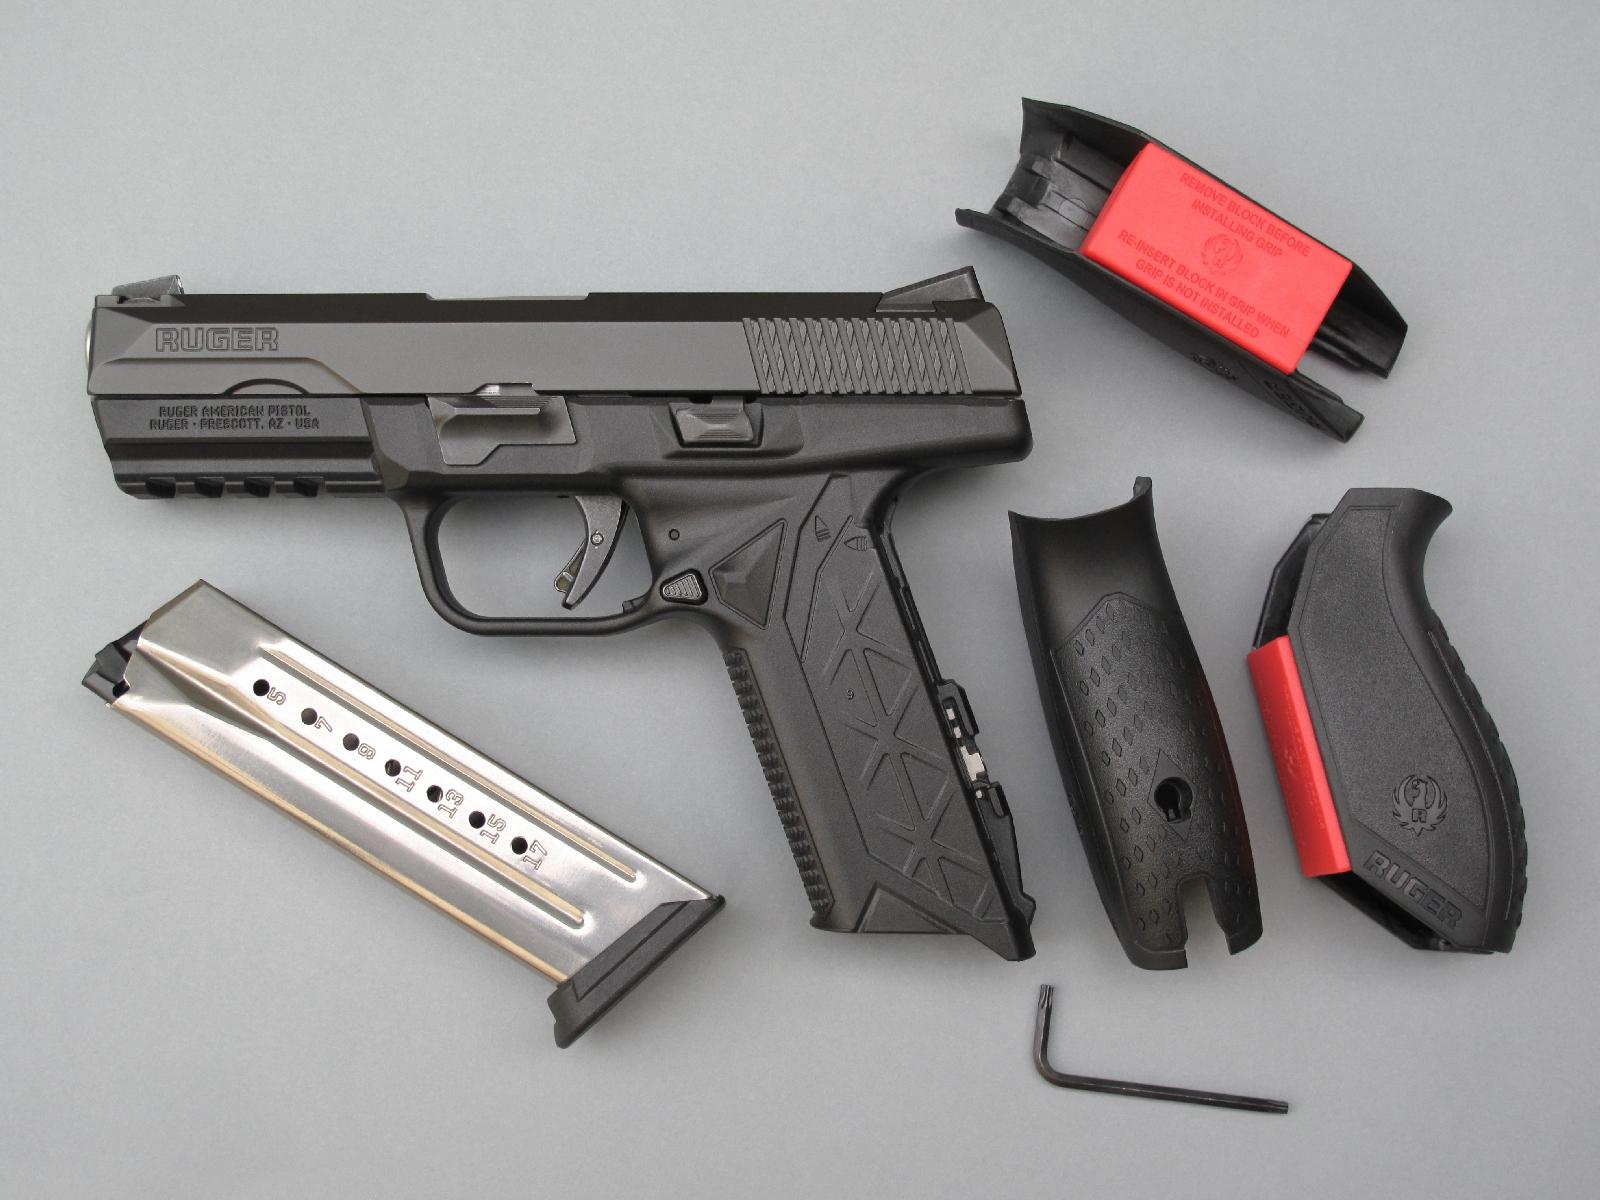 L'ergonomie modulable de la poignée est réalisée au moyen de trois dos interchangeables. Le déverrouillage du dos installé sur l'arme nécessite l'utilisation de la petite clé Torx livrée avec l'arme.